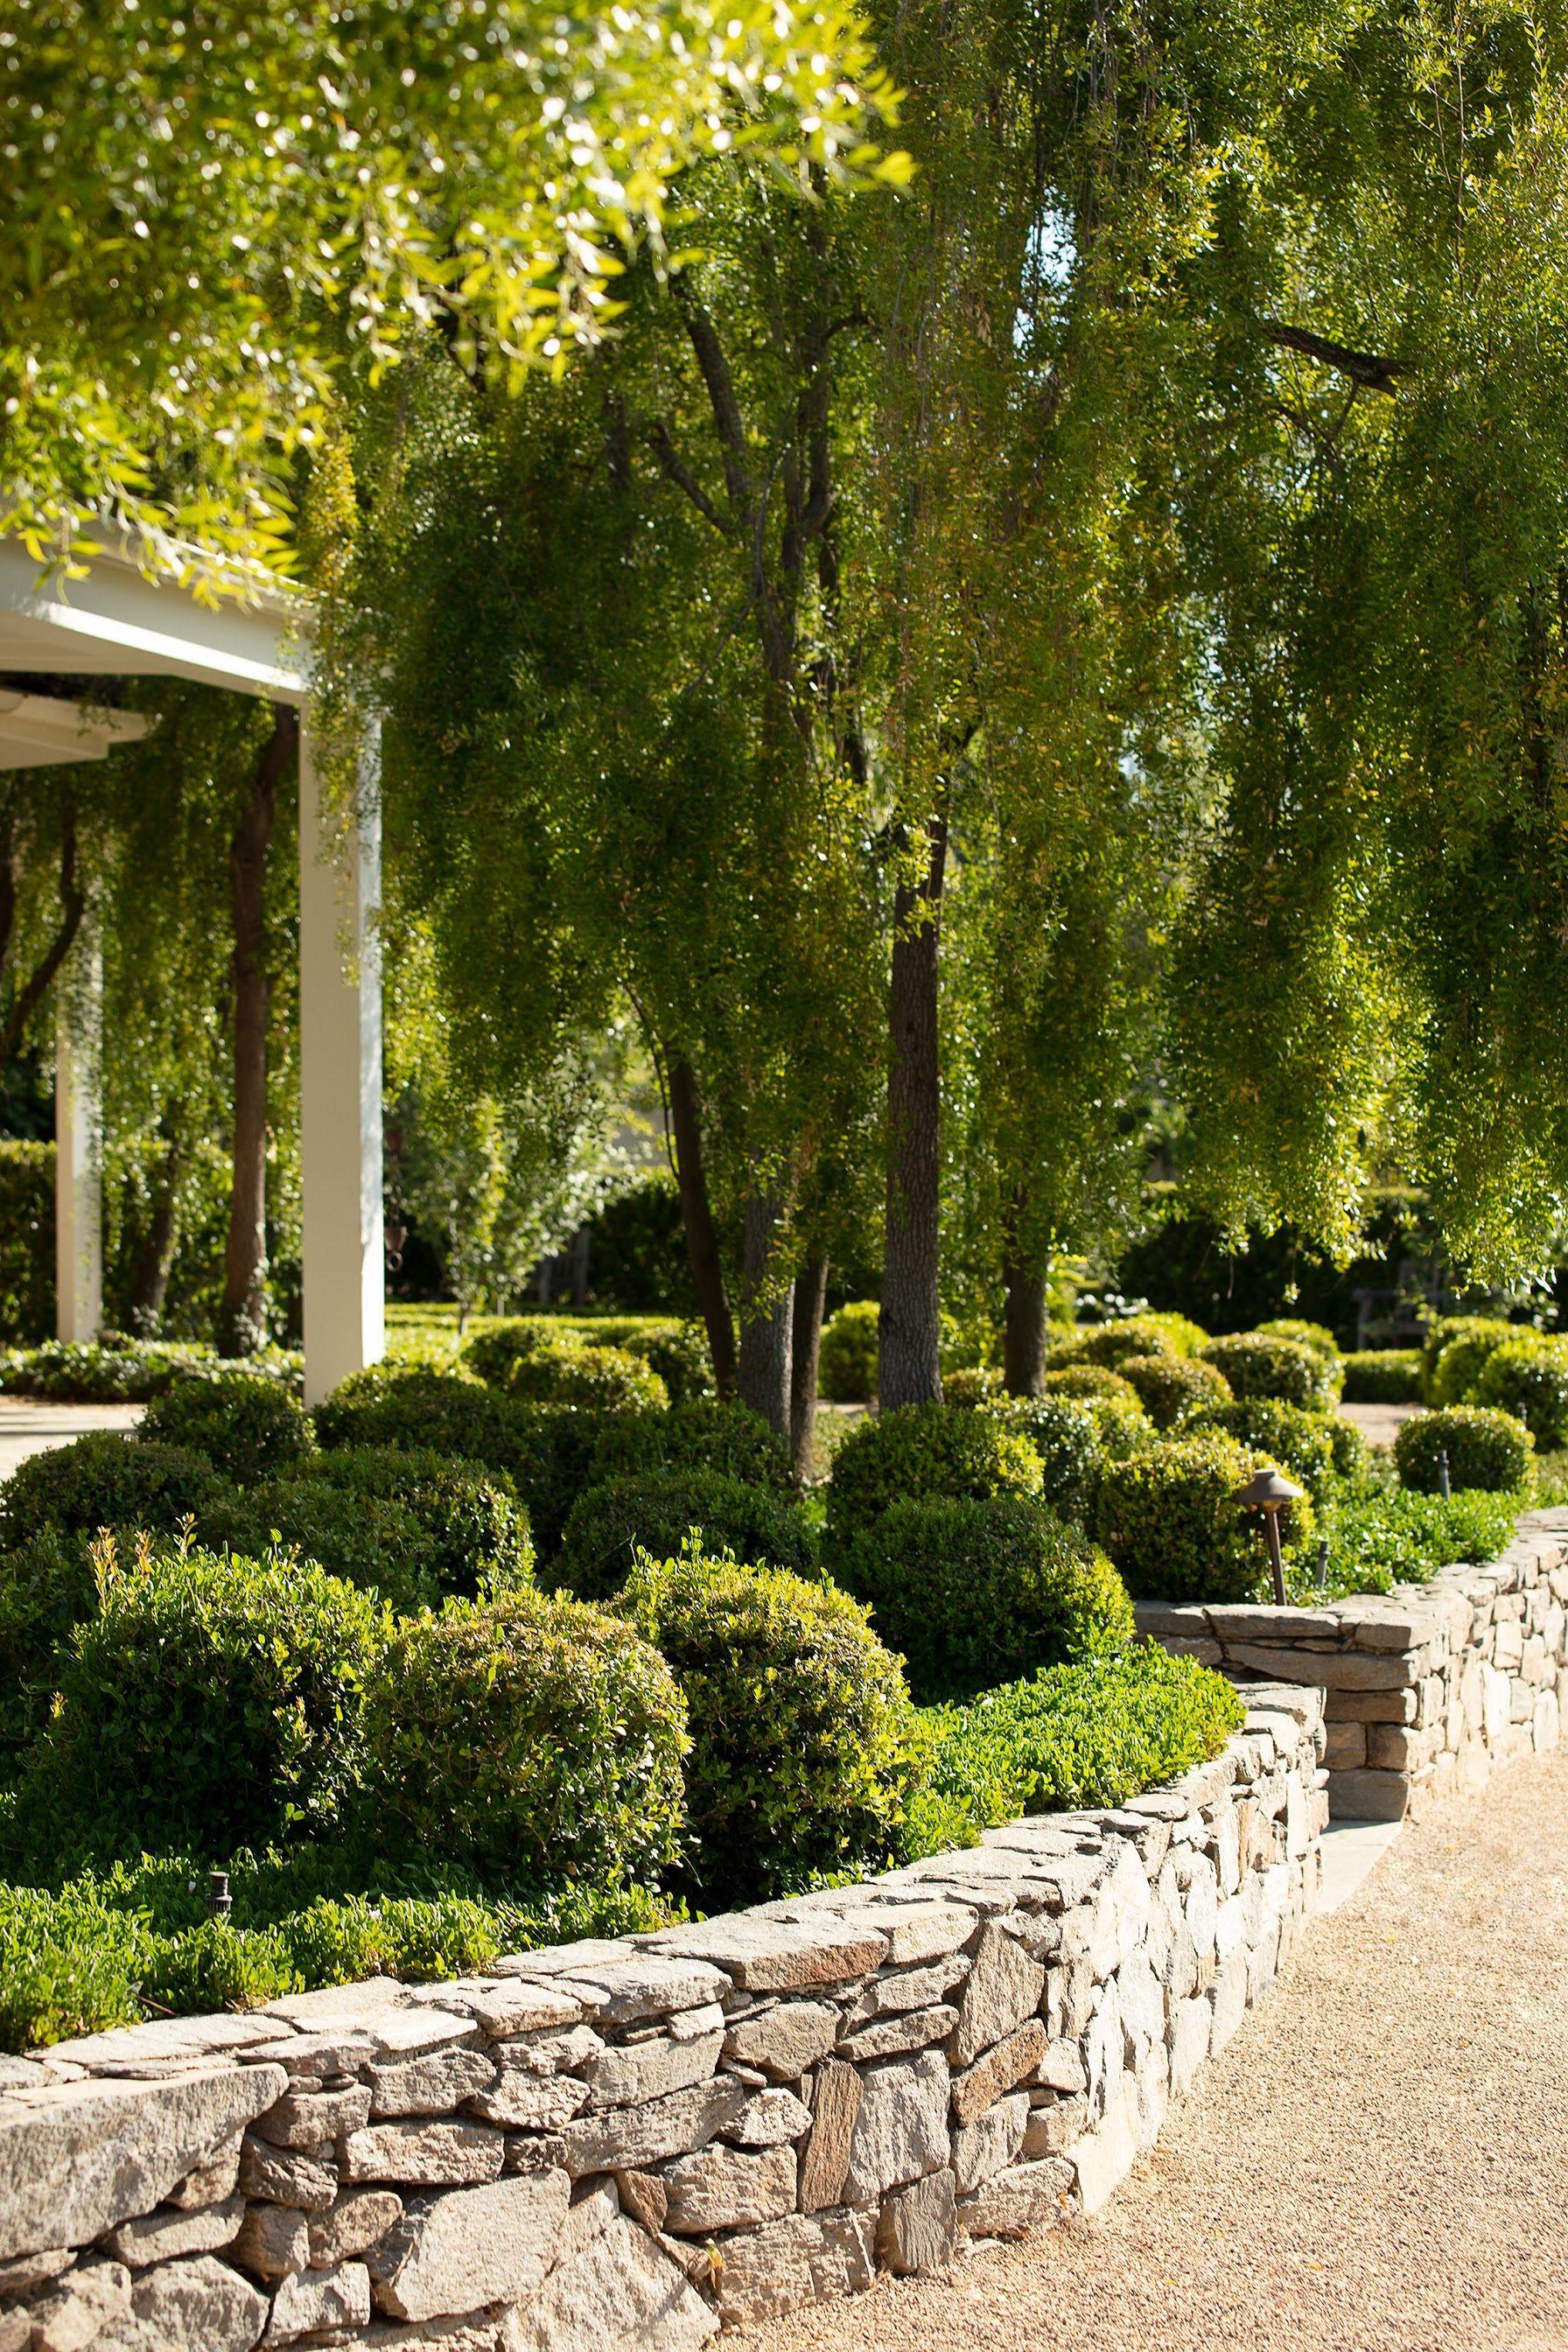 """Paul Hendershot Design, Inc #walkwaystofrontdoor All pathways lead to the front door. Project Name: """"Hamptons in a Drought."""" #landscapedesign by #paulhendershotdesign paulhendershotdesign.com & in collaboration w/Kathy Fisher #landscapedesigner #topiary #topiaries #curbappeal #garden #gardendesign #jardin #garten #dwell #frontyard #path #pathway #driveway #walkway #exterior #exteriordesign #landscape #homedesign #homeimprovement #home #house #outdoorliving #courtyard #lifestyle #walkwaystofrontdoor"""